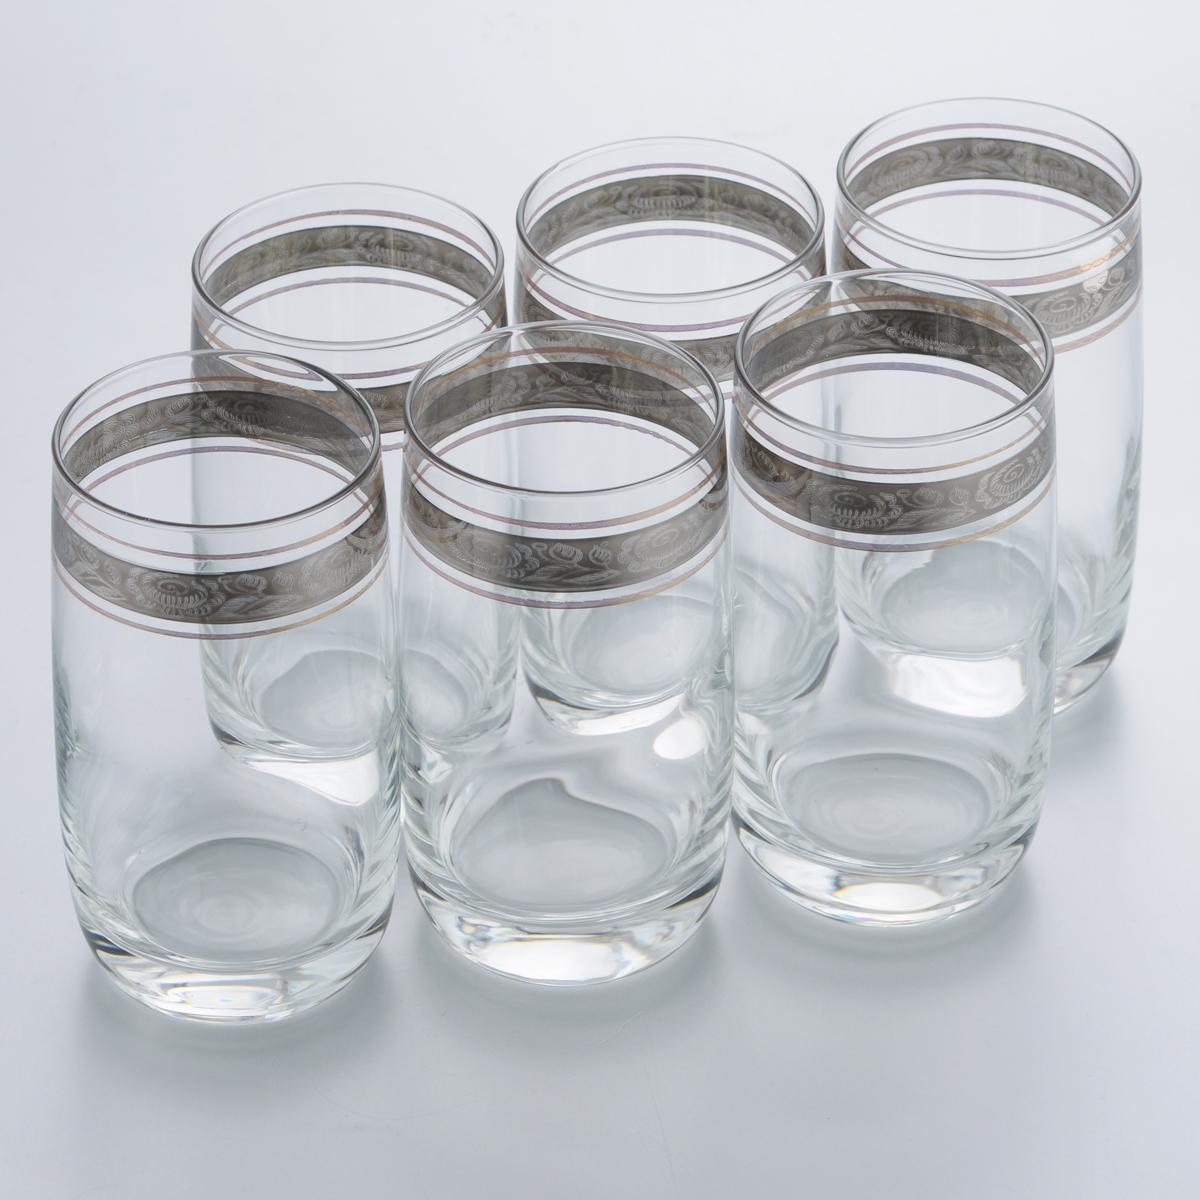 Набор стаканов для коктейлей Гусь-Хрустальный Первоцвет, 330 мл, 6 штTL66-809Набор Гусь-Хрустальный Первоцвет состоит из 6 высоких стаканов, изготовленных из высококачественного натрий-кальций-силикатного стекла. Изделия оформлены красивым зеркальным покрытием и прозрачным орнаментом. Стаканы предназначены для подачи коктейлей, а также воды и сока. Такой набор прекрасно дополнит праздничный стол и станет желанным подарком в любом доме. Разрешается мыть в посудомоечной машине. Диаметр стакана (по верхнему краю): 6,2 см. Высота стакана: 12,3 см.